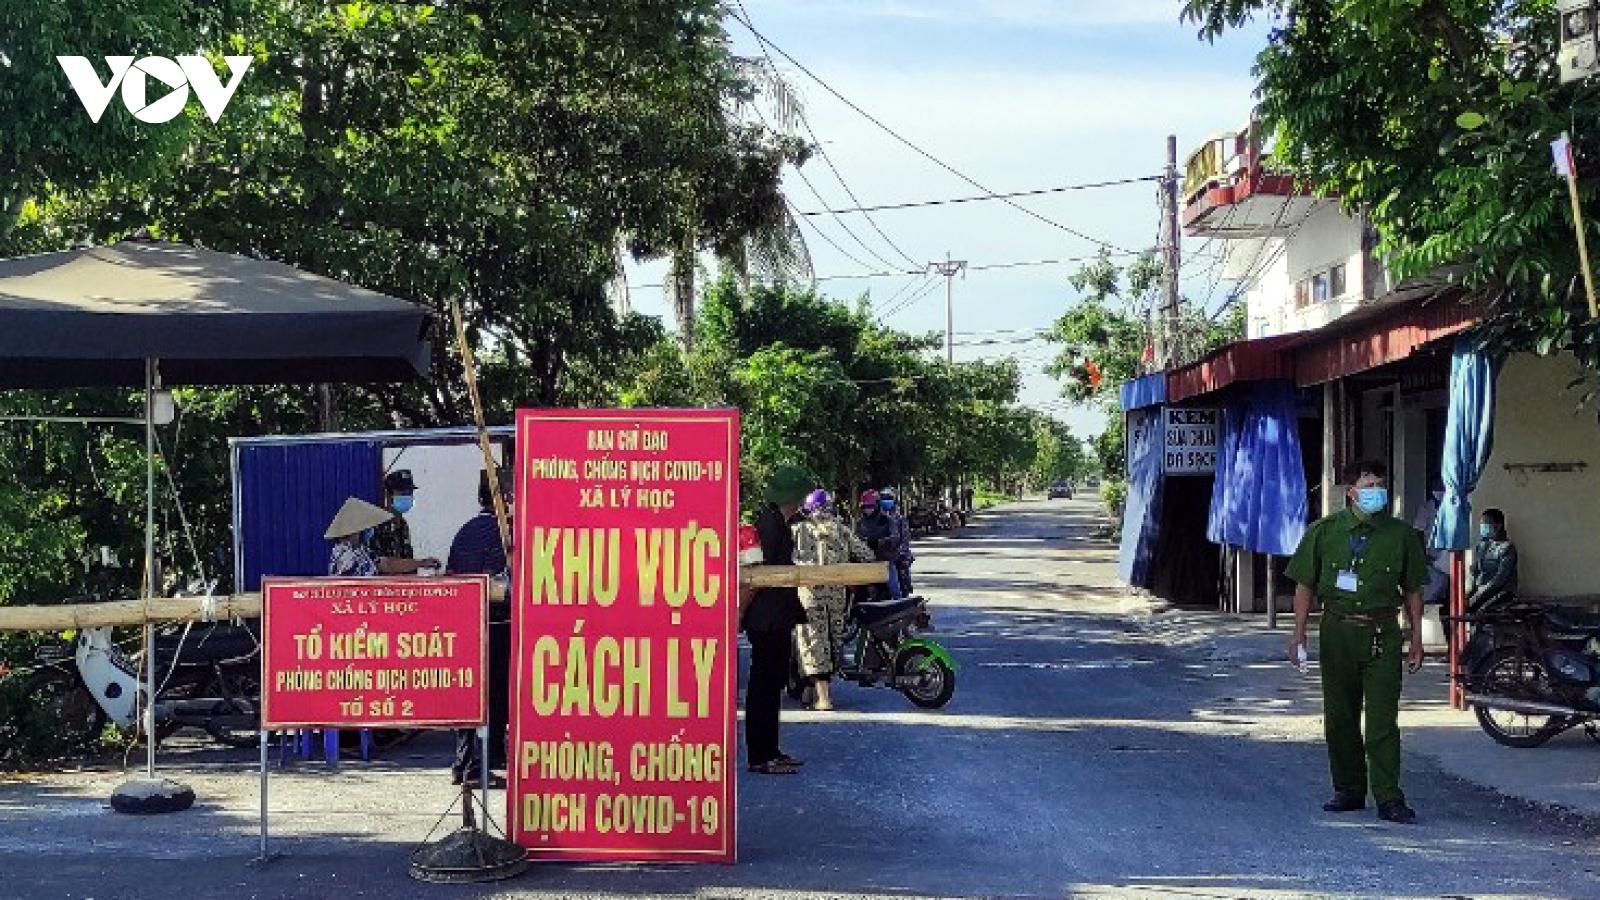 Hải Phòng nới lỏng giãn cách xã hội tại huyện Vĩnh Bảo